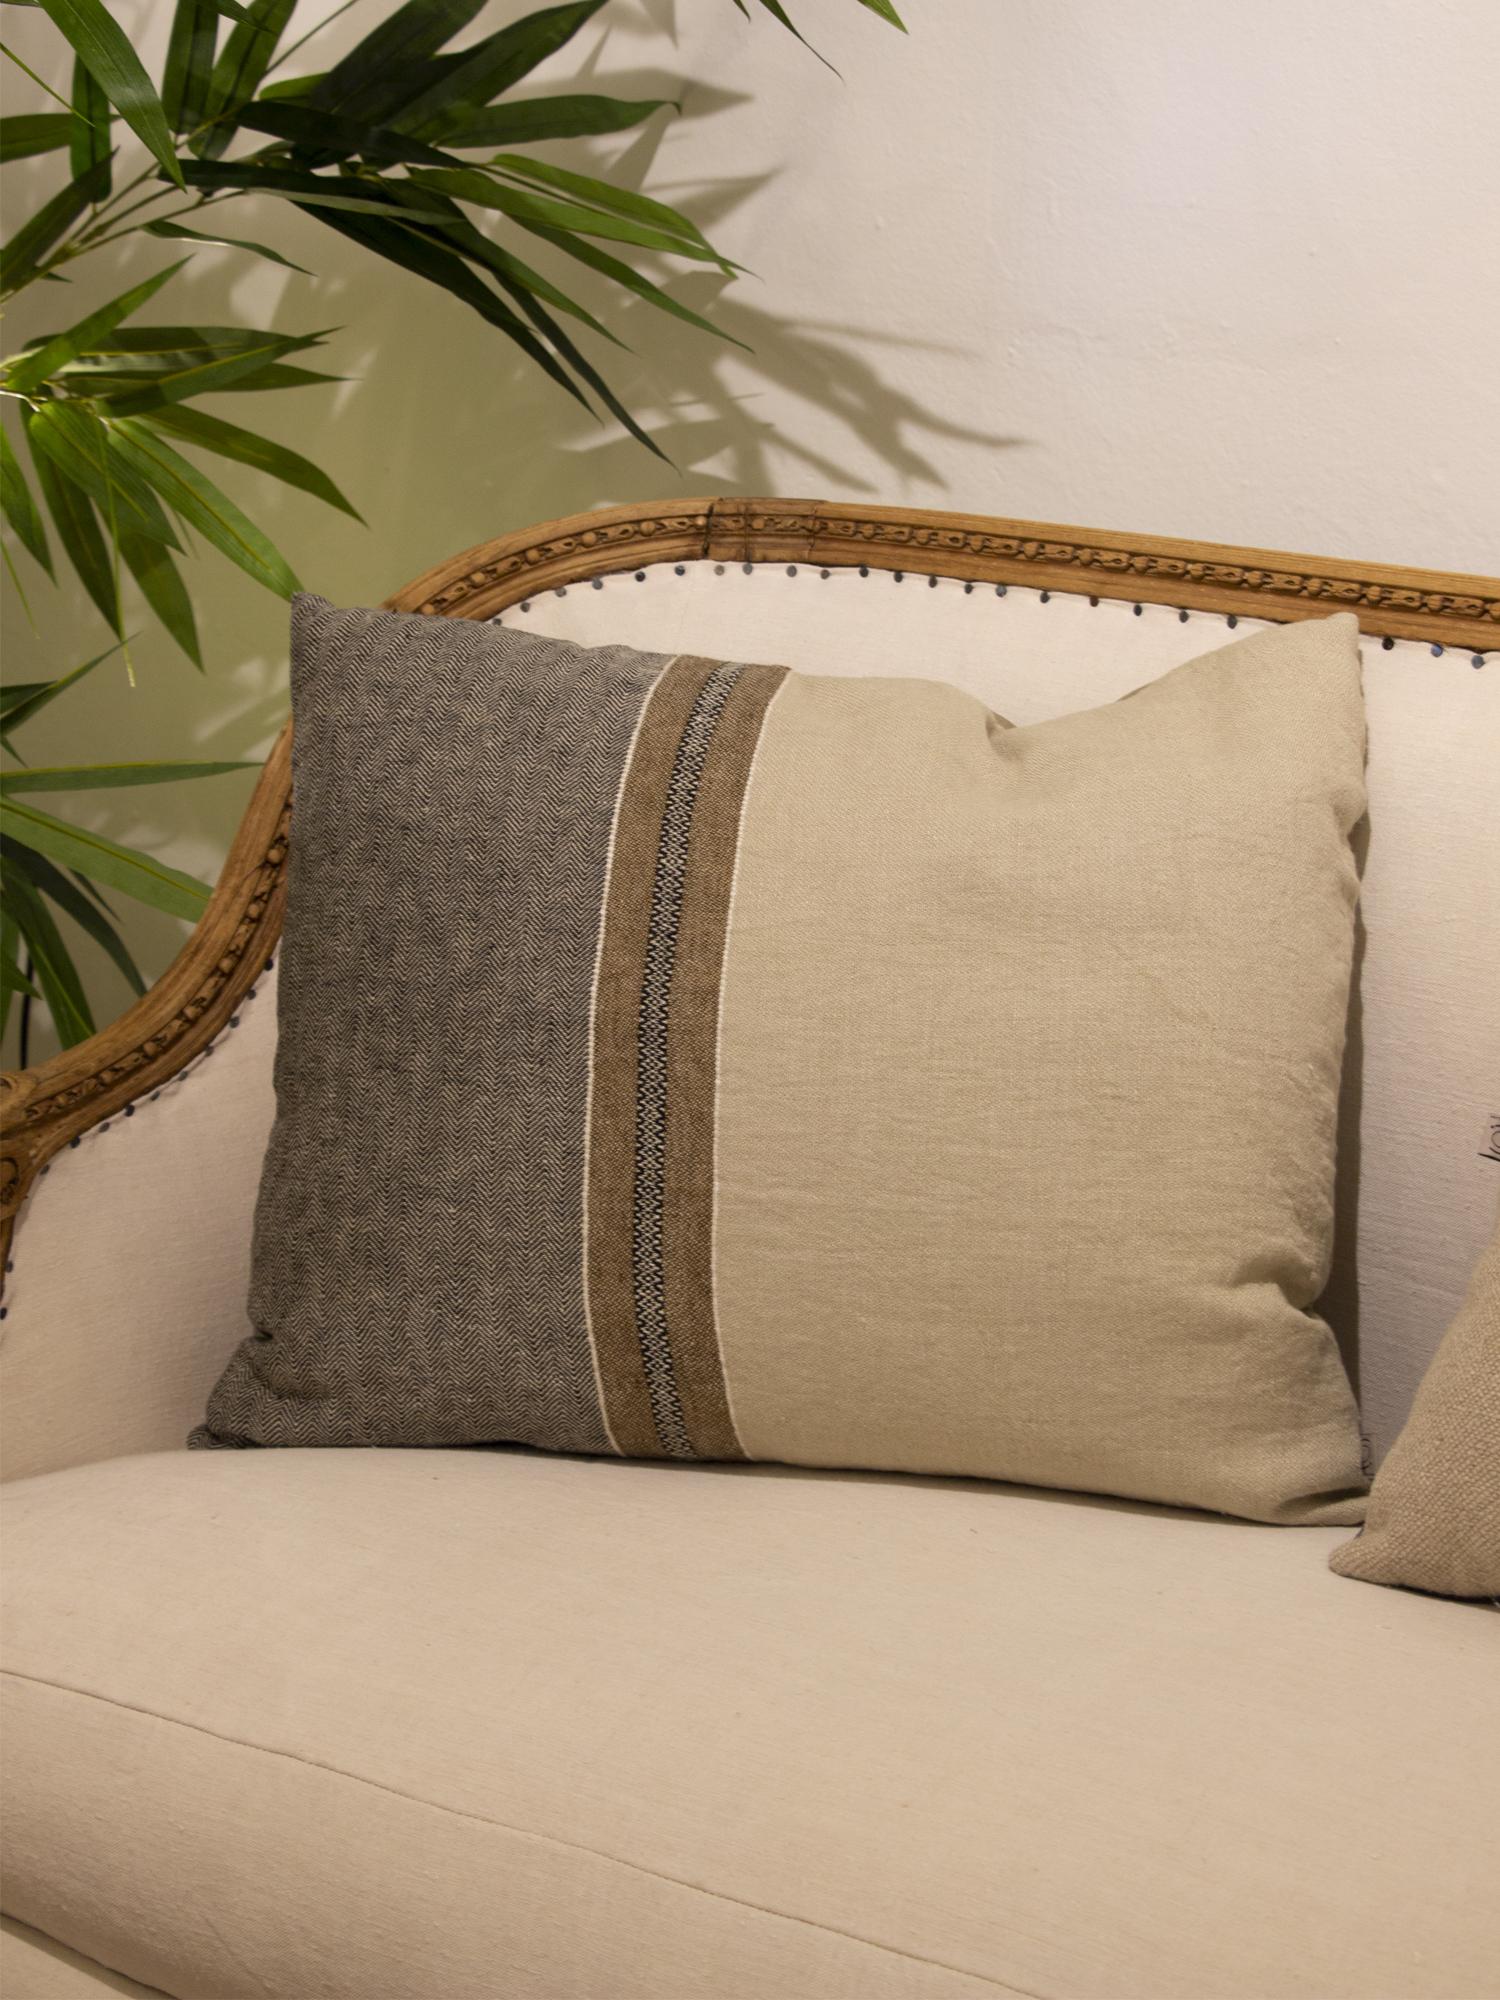 Cojín rectangular en lino con motivos boho en color tabaco, beige y negros.